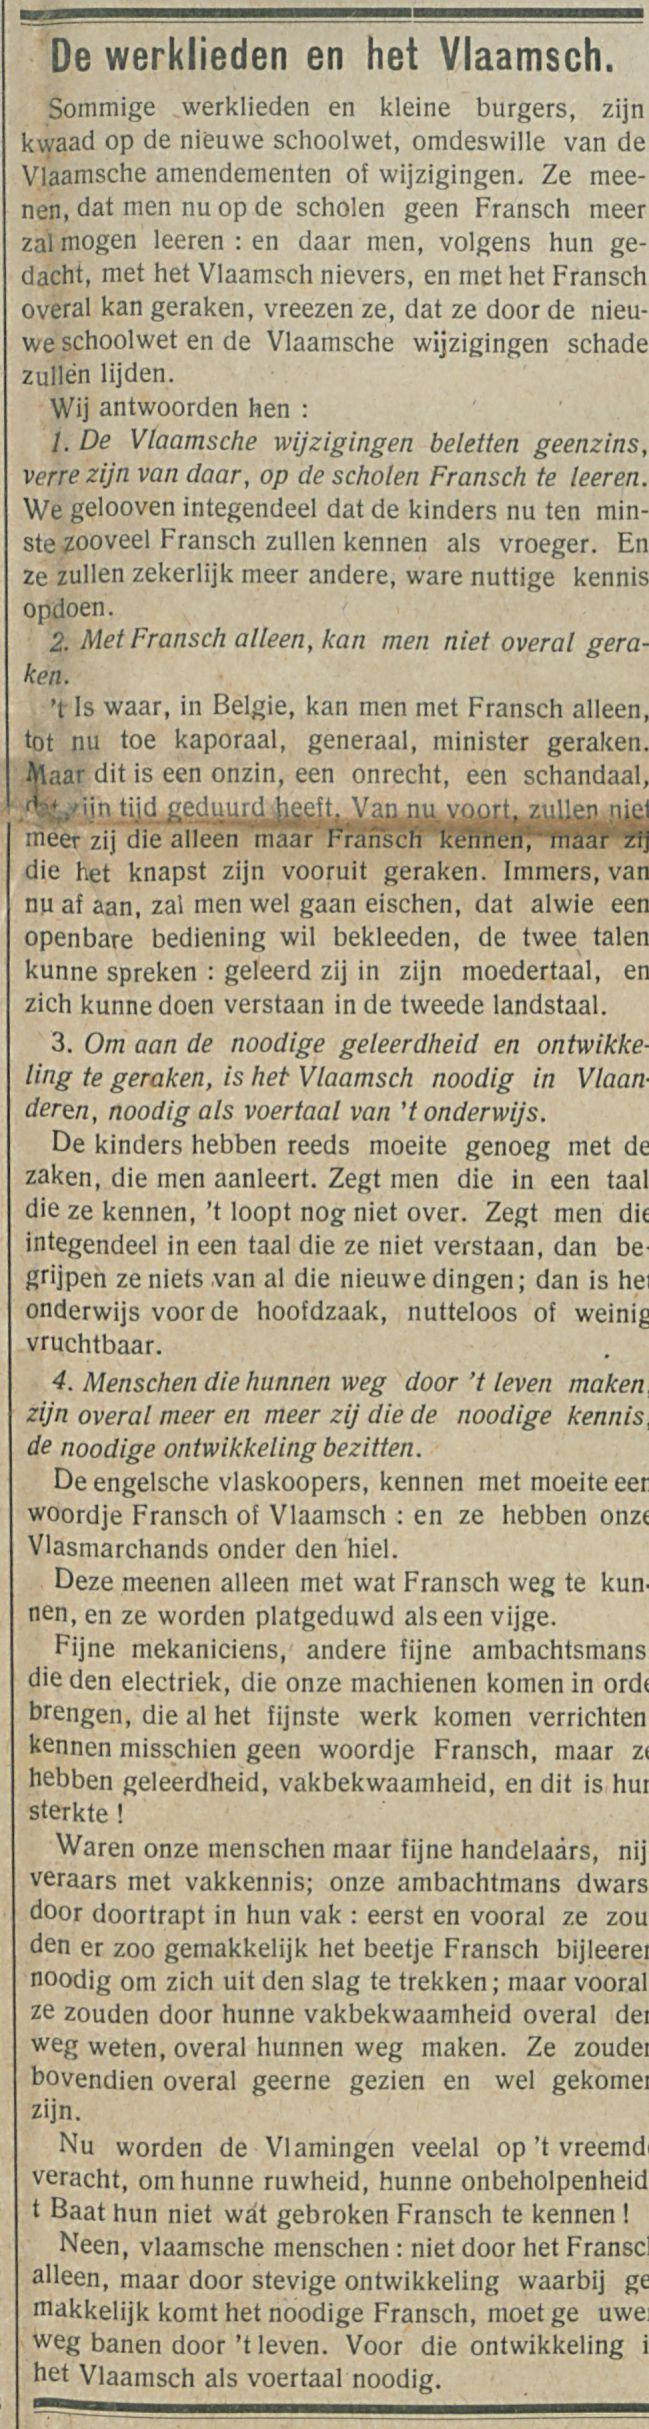 De werklieden en het Vlaamsch